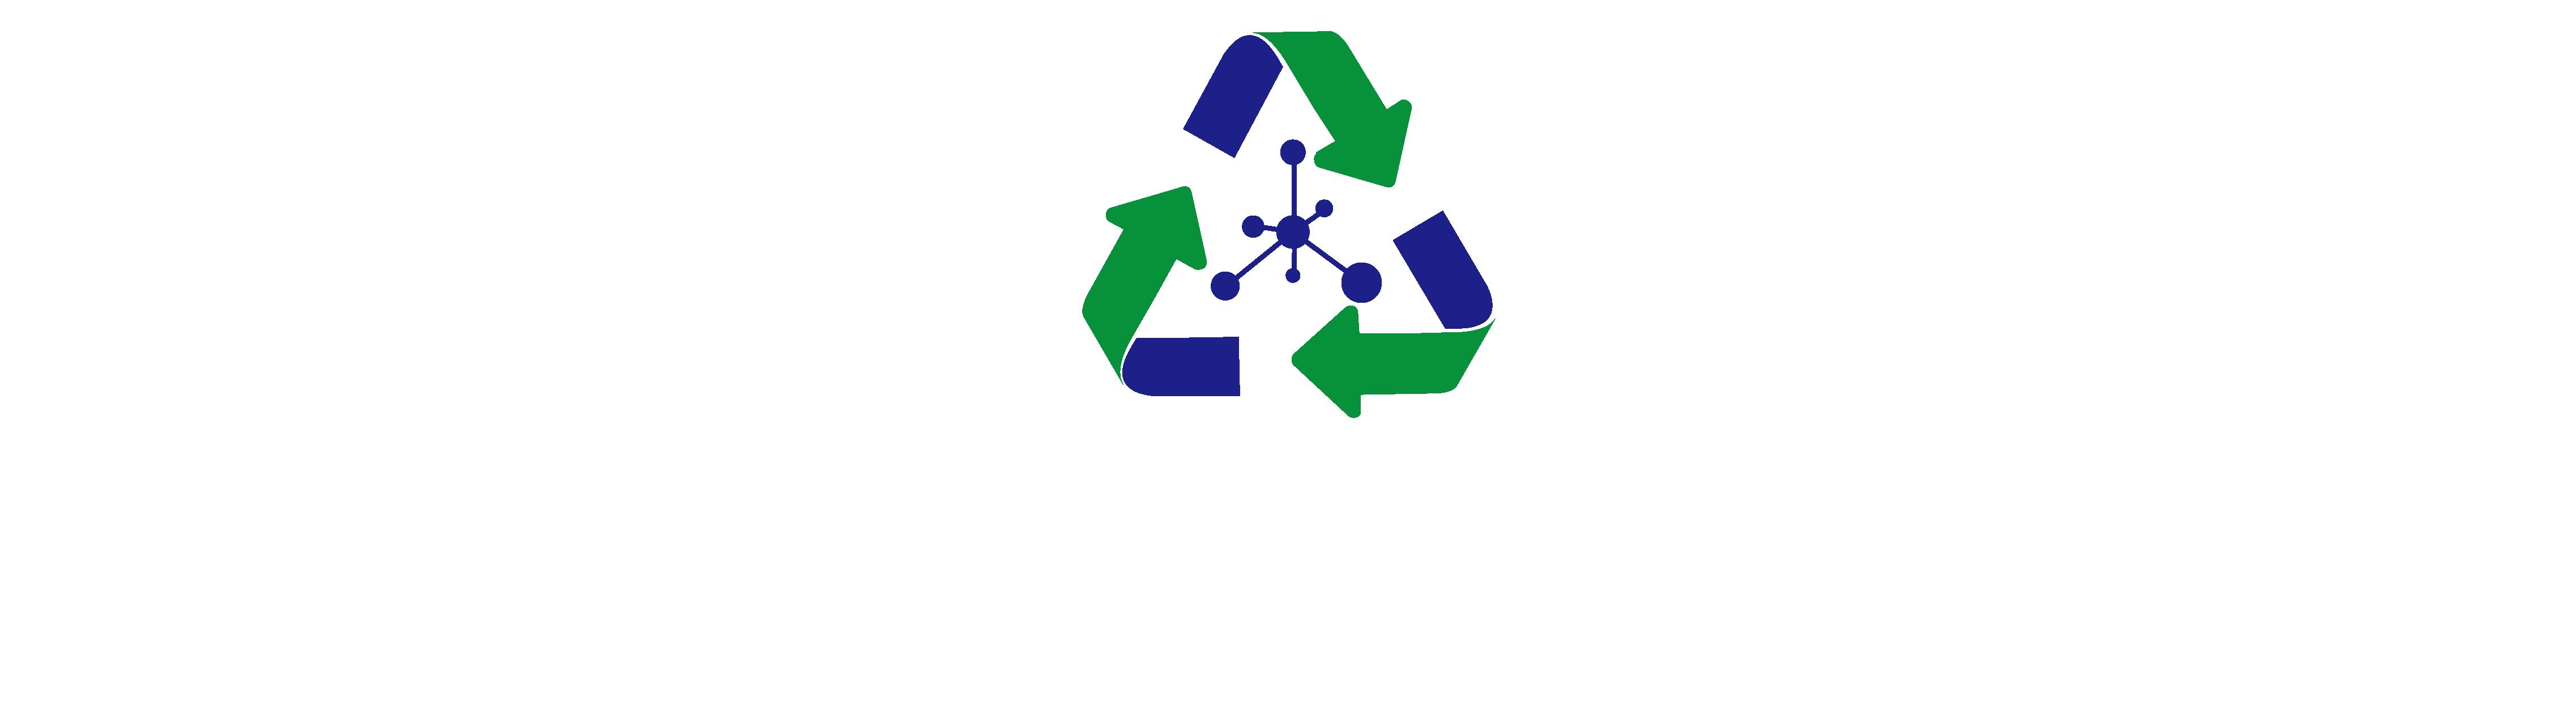 集團logo-04